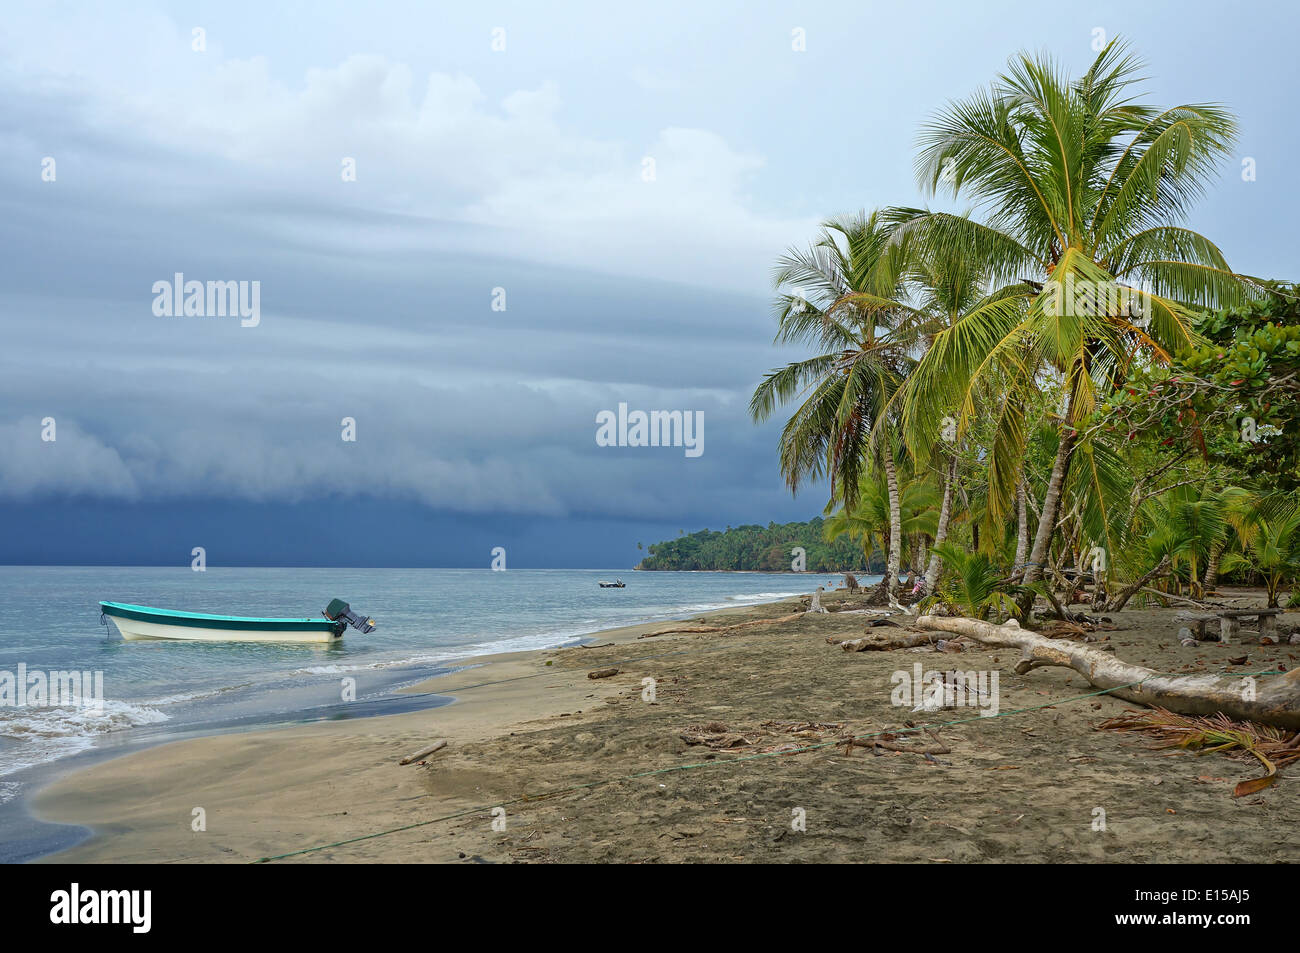 Karibik-Strand mit bedrohlichen Himmel und Wolken aus dem Meer, Costa Rica Stockbild